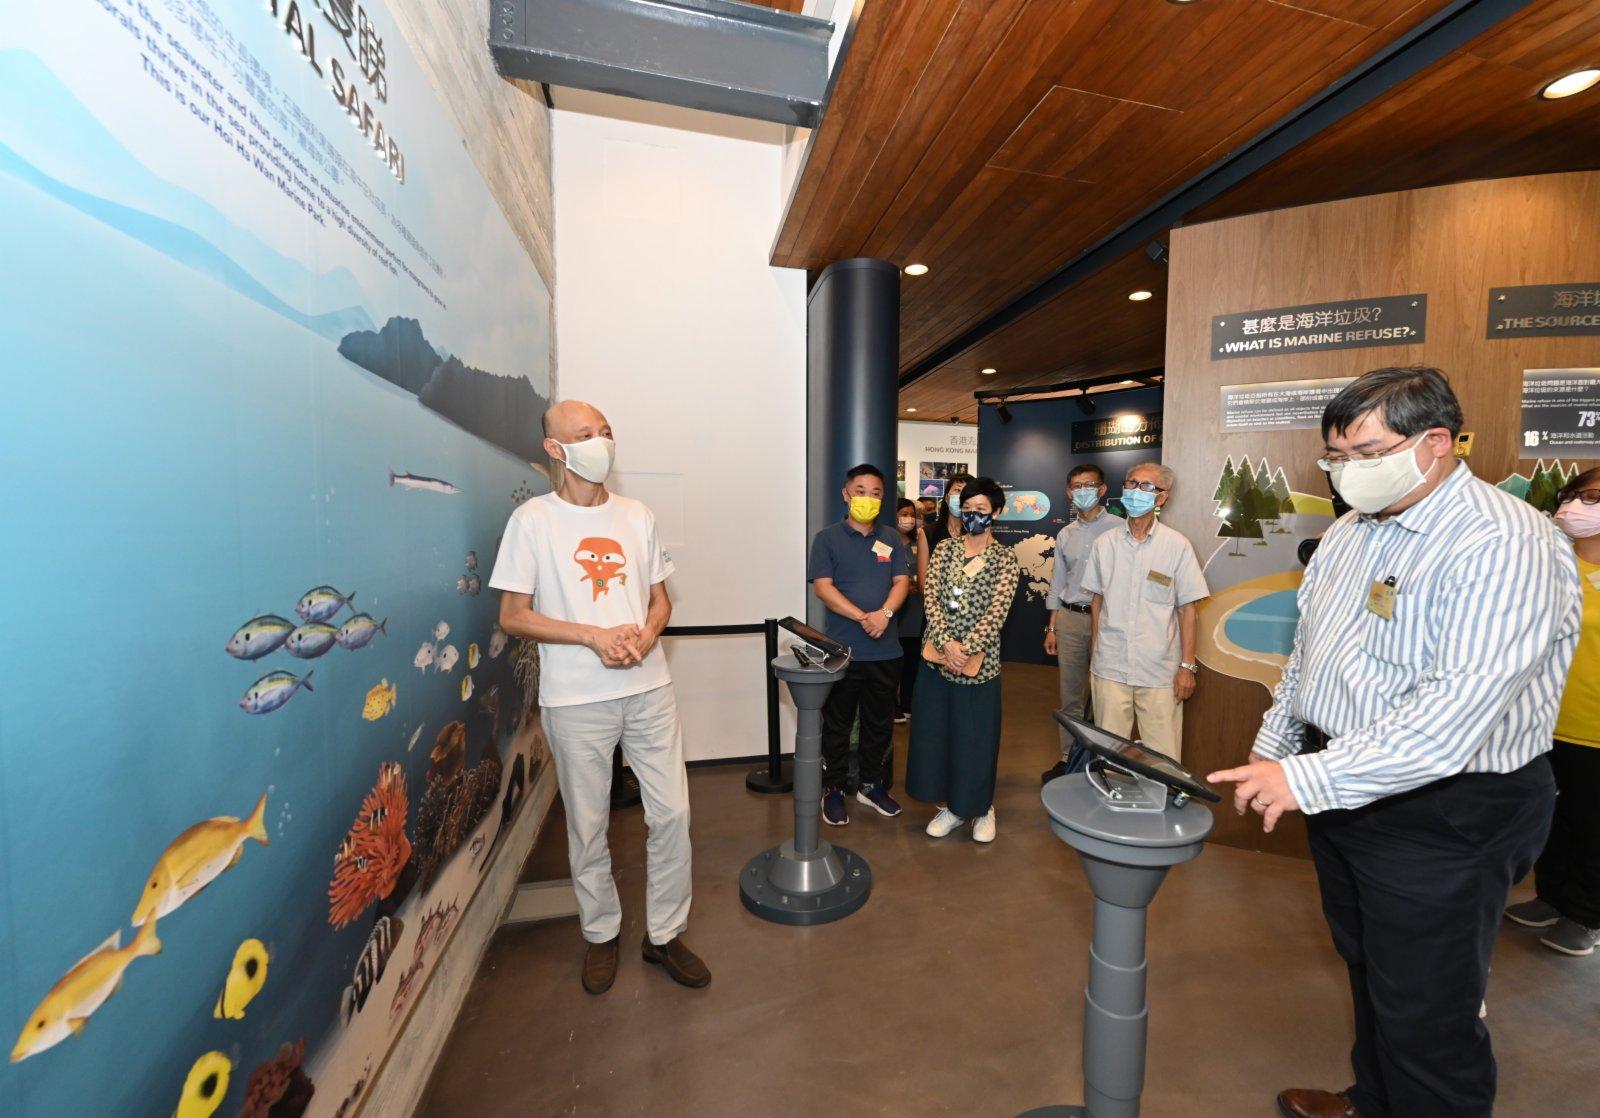 環境局局長黃錦星(左一)以擴增實境(即AR)技術製作的互動式展覽「海下海岸逐隻睇」,體驗海下灣海岸公園豐富的海洋生物多樣性。(政府新聞處)